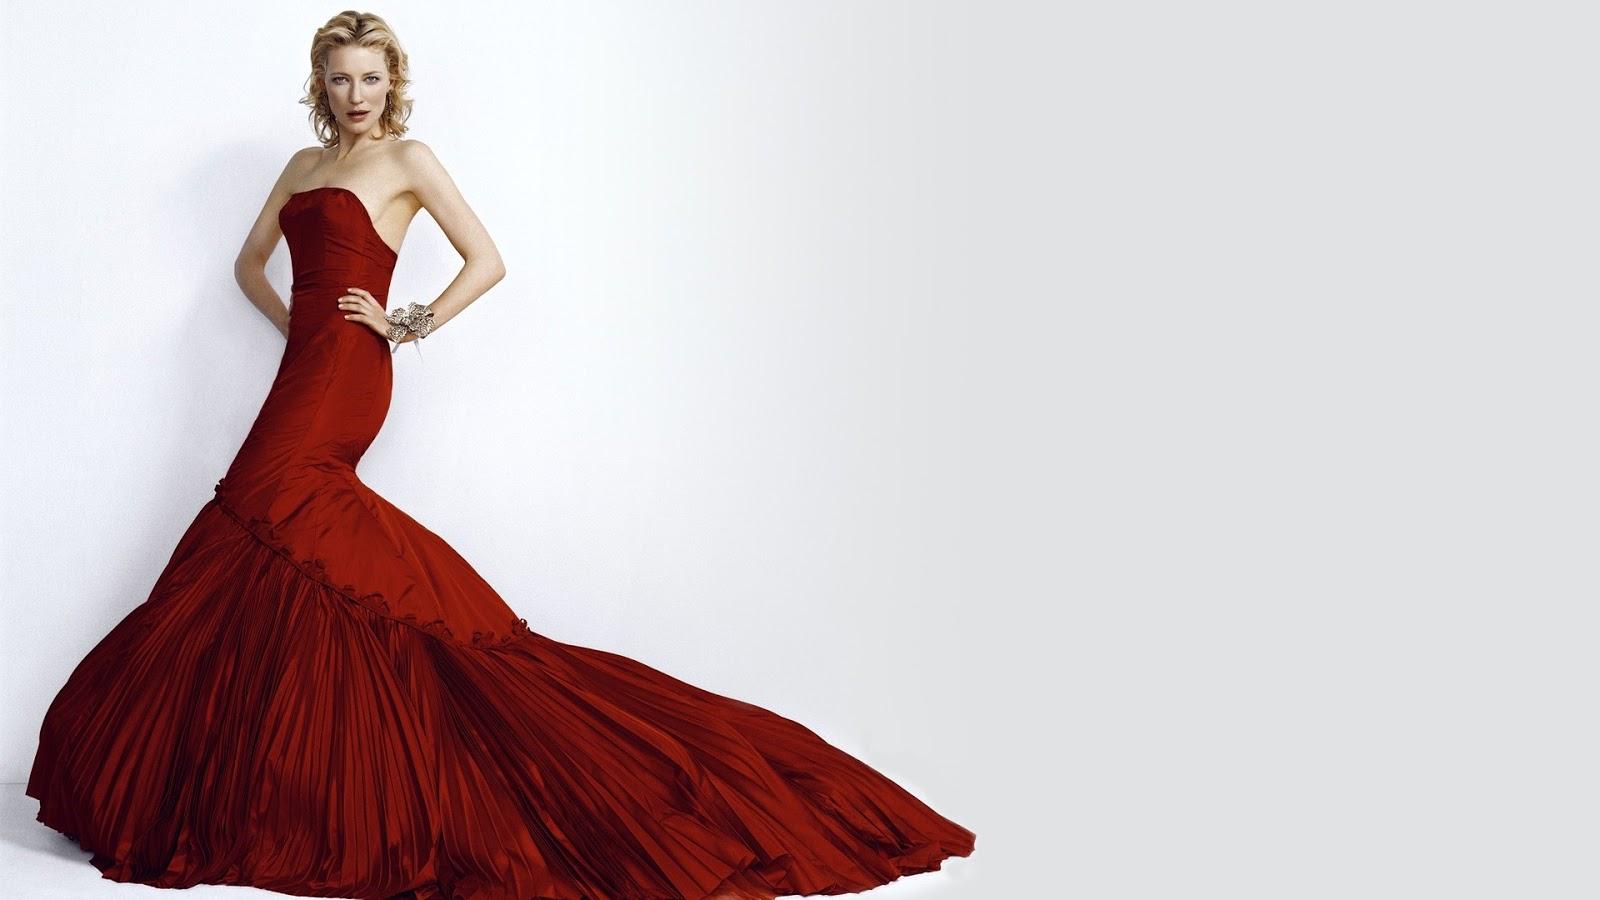 Cate Blanchett Red Dress